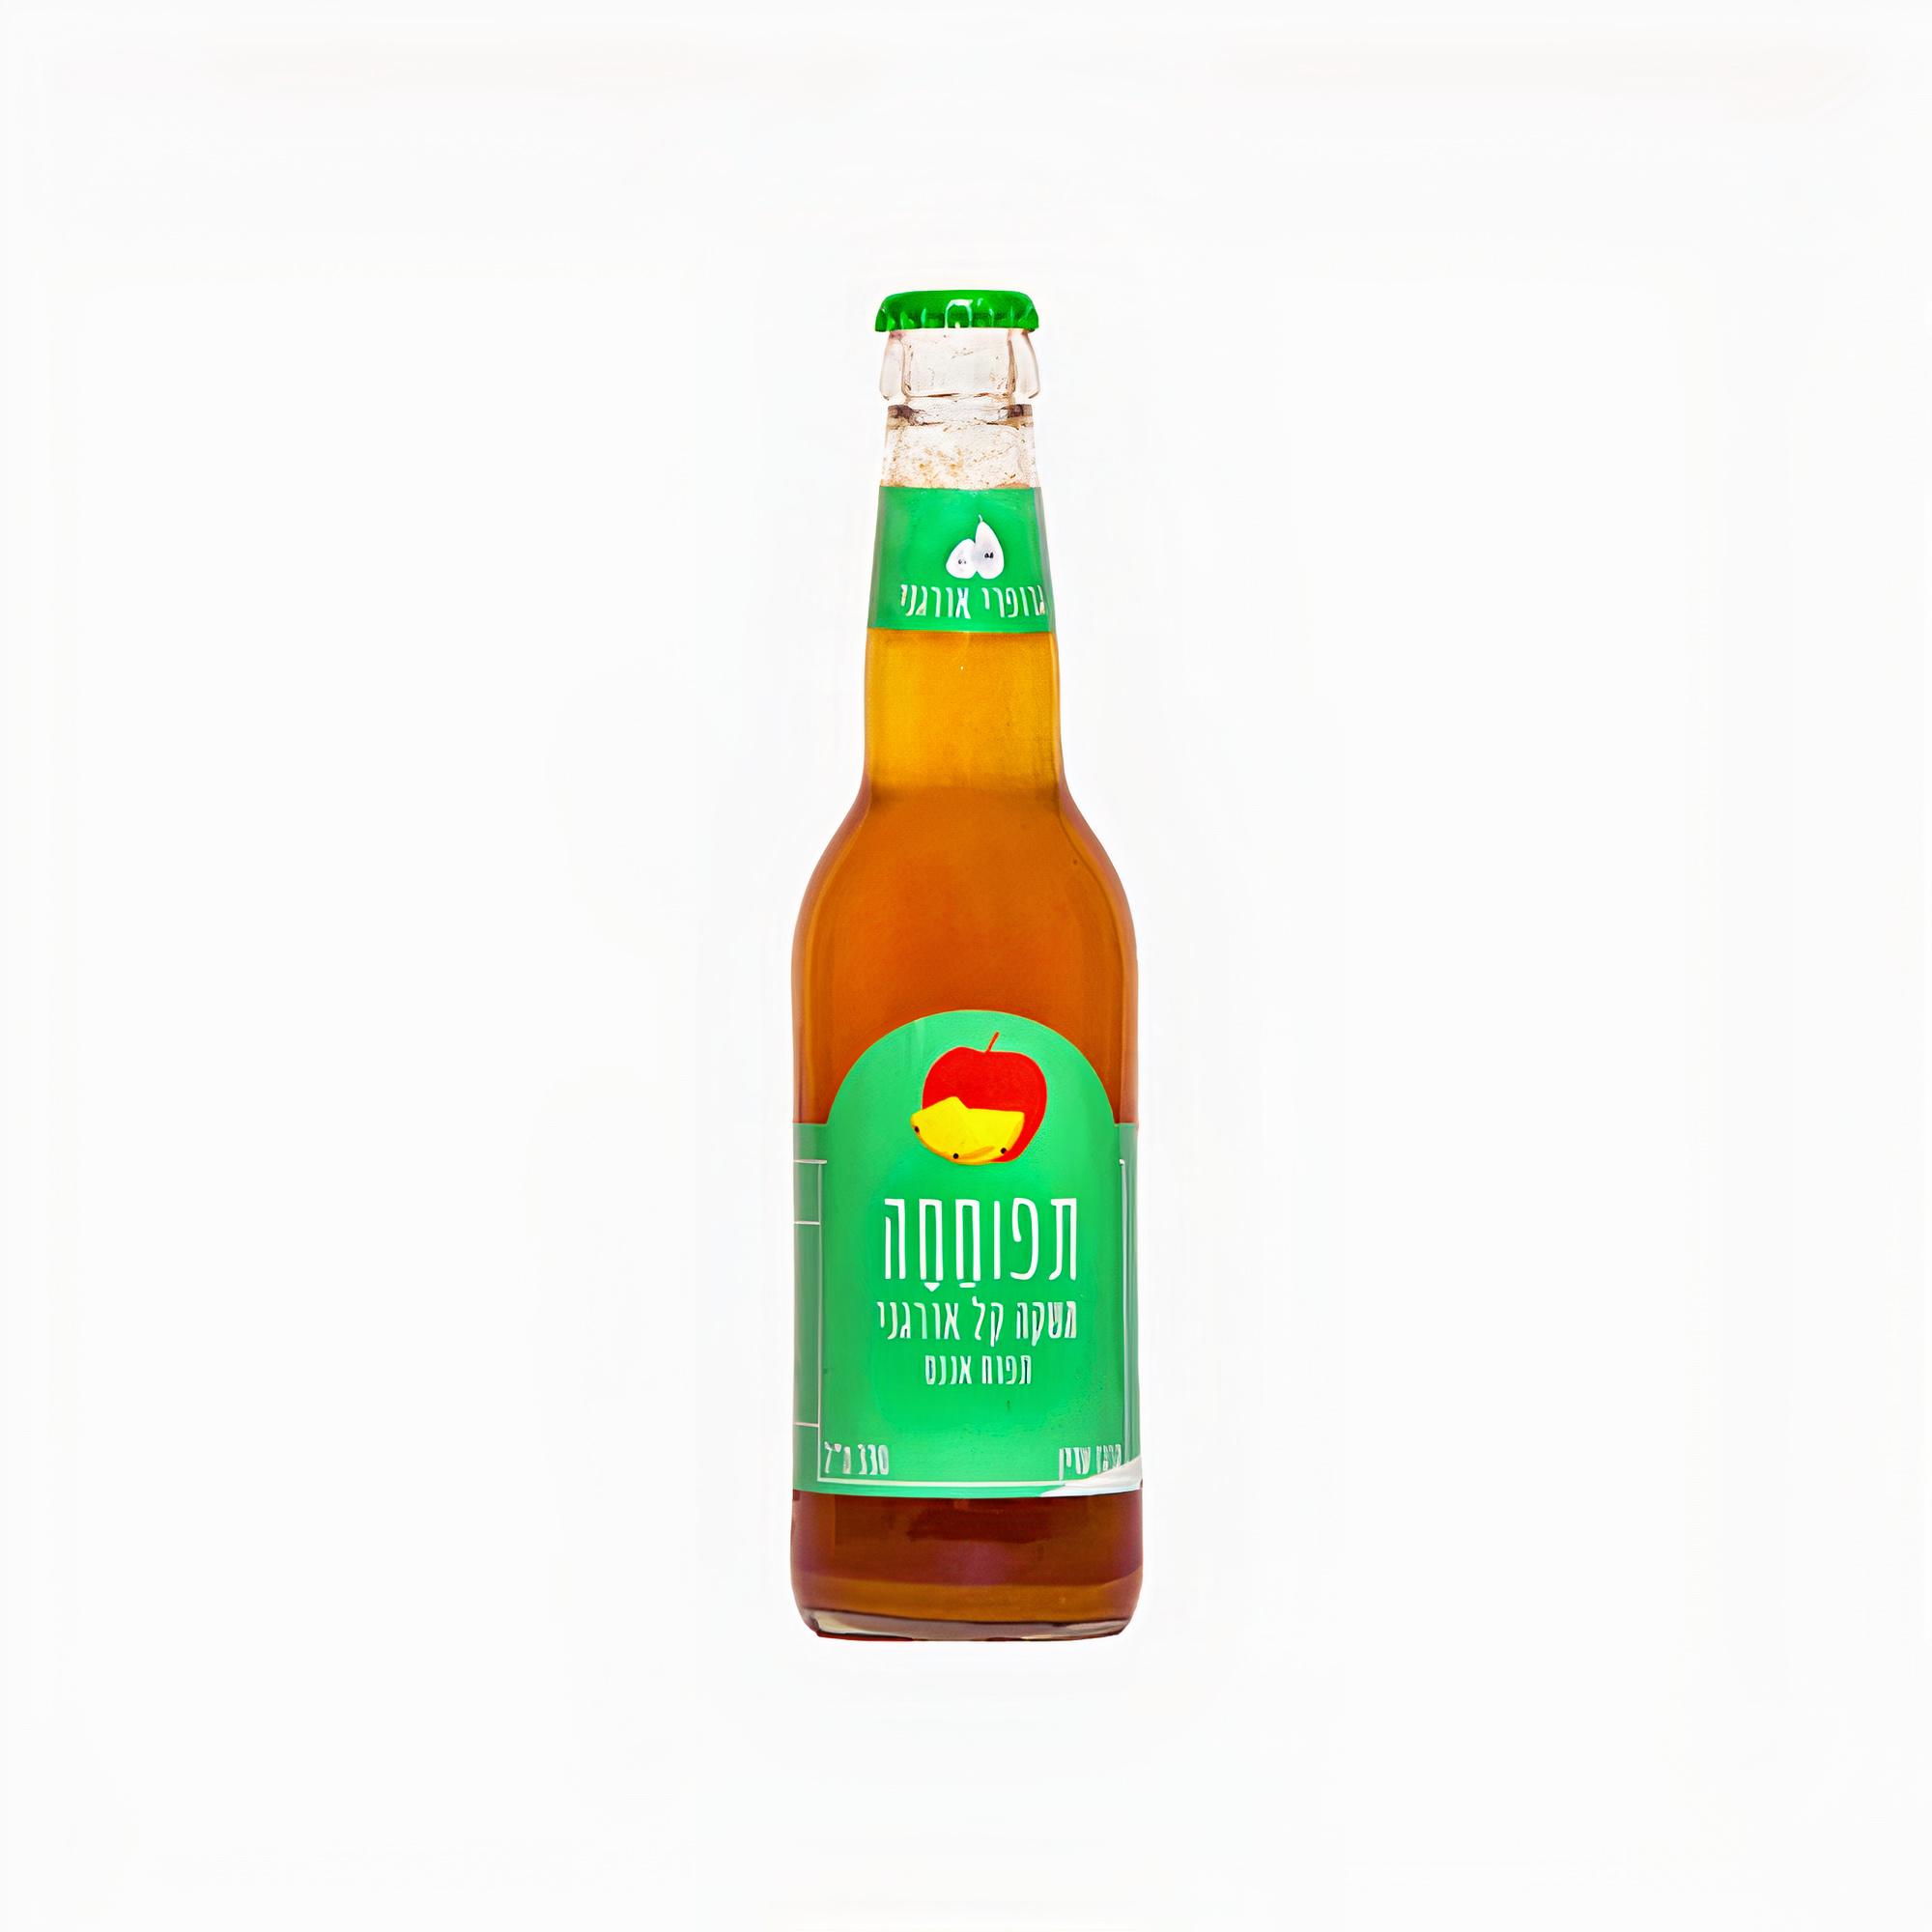 גרופר תפוחחה – משקה מוגז אורגני תפוח ואננס